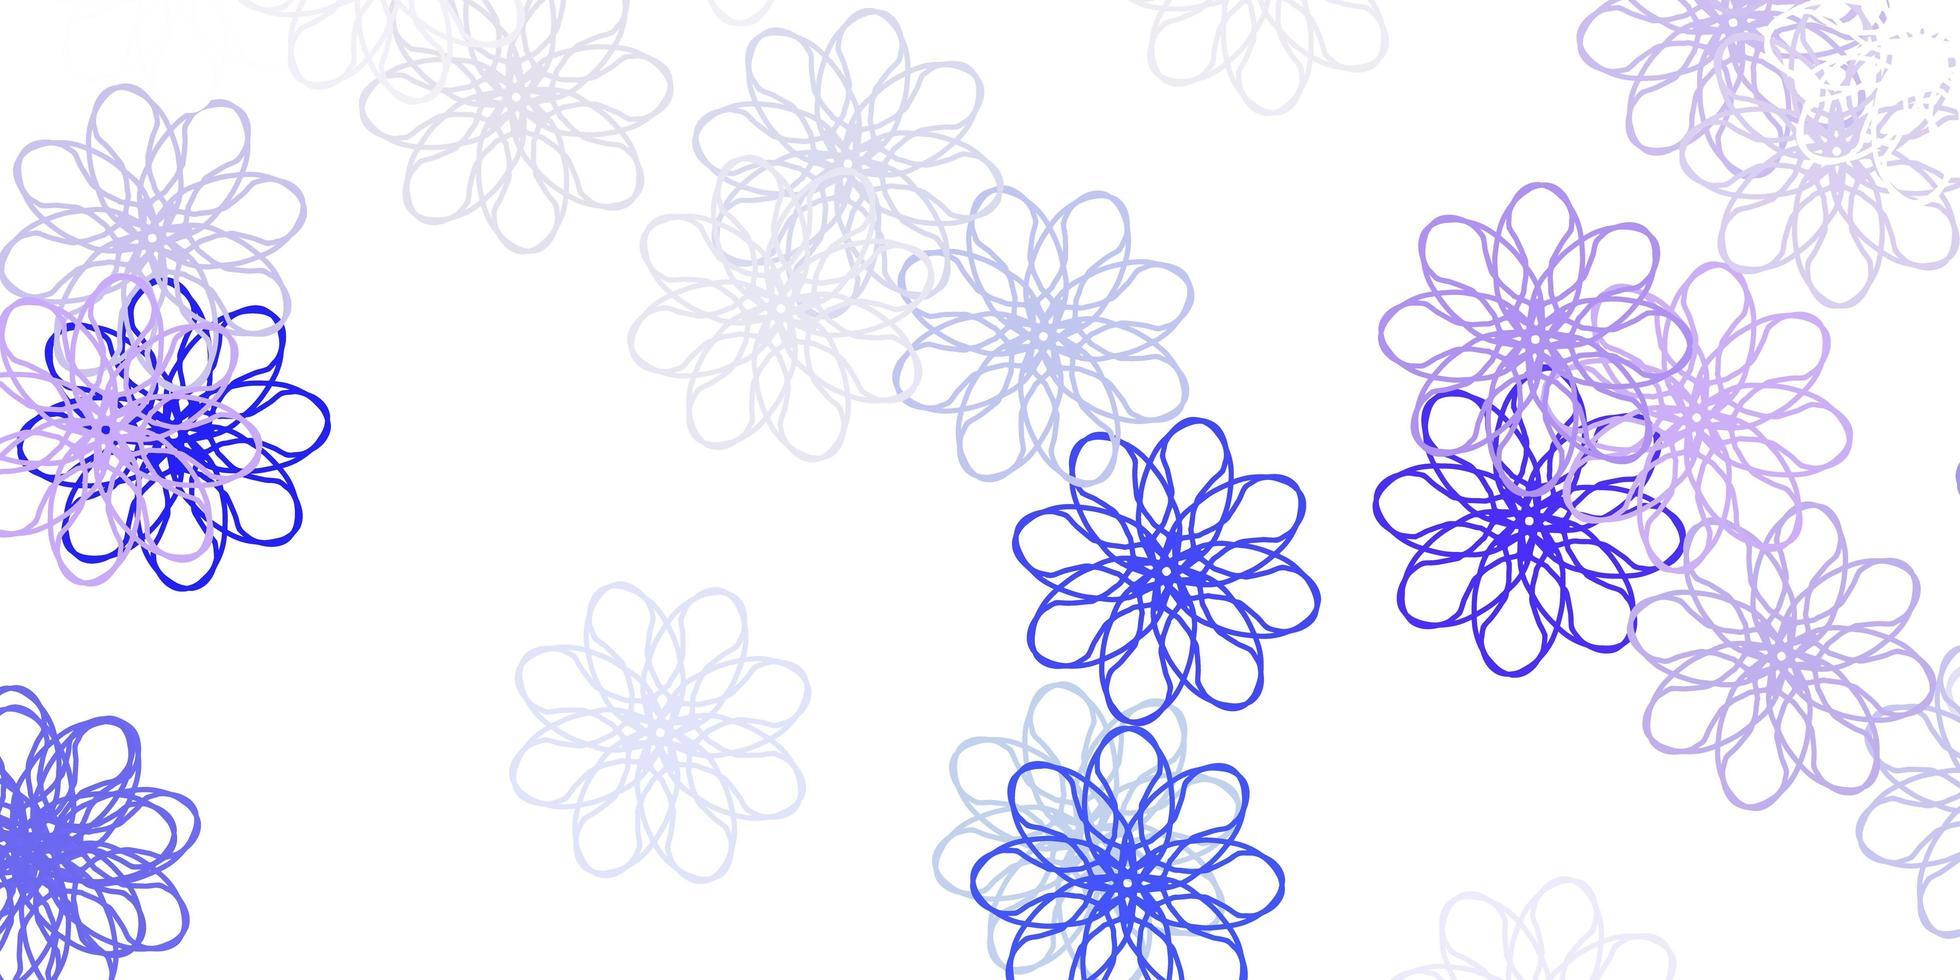 motif de doodle vecteur violet clair avec des fleurs.